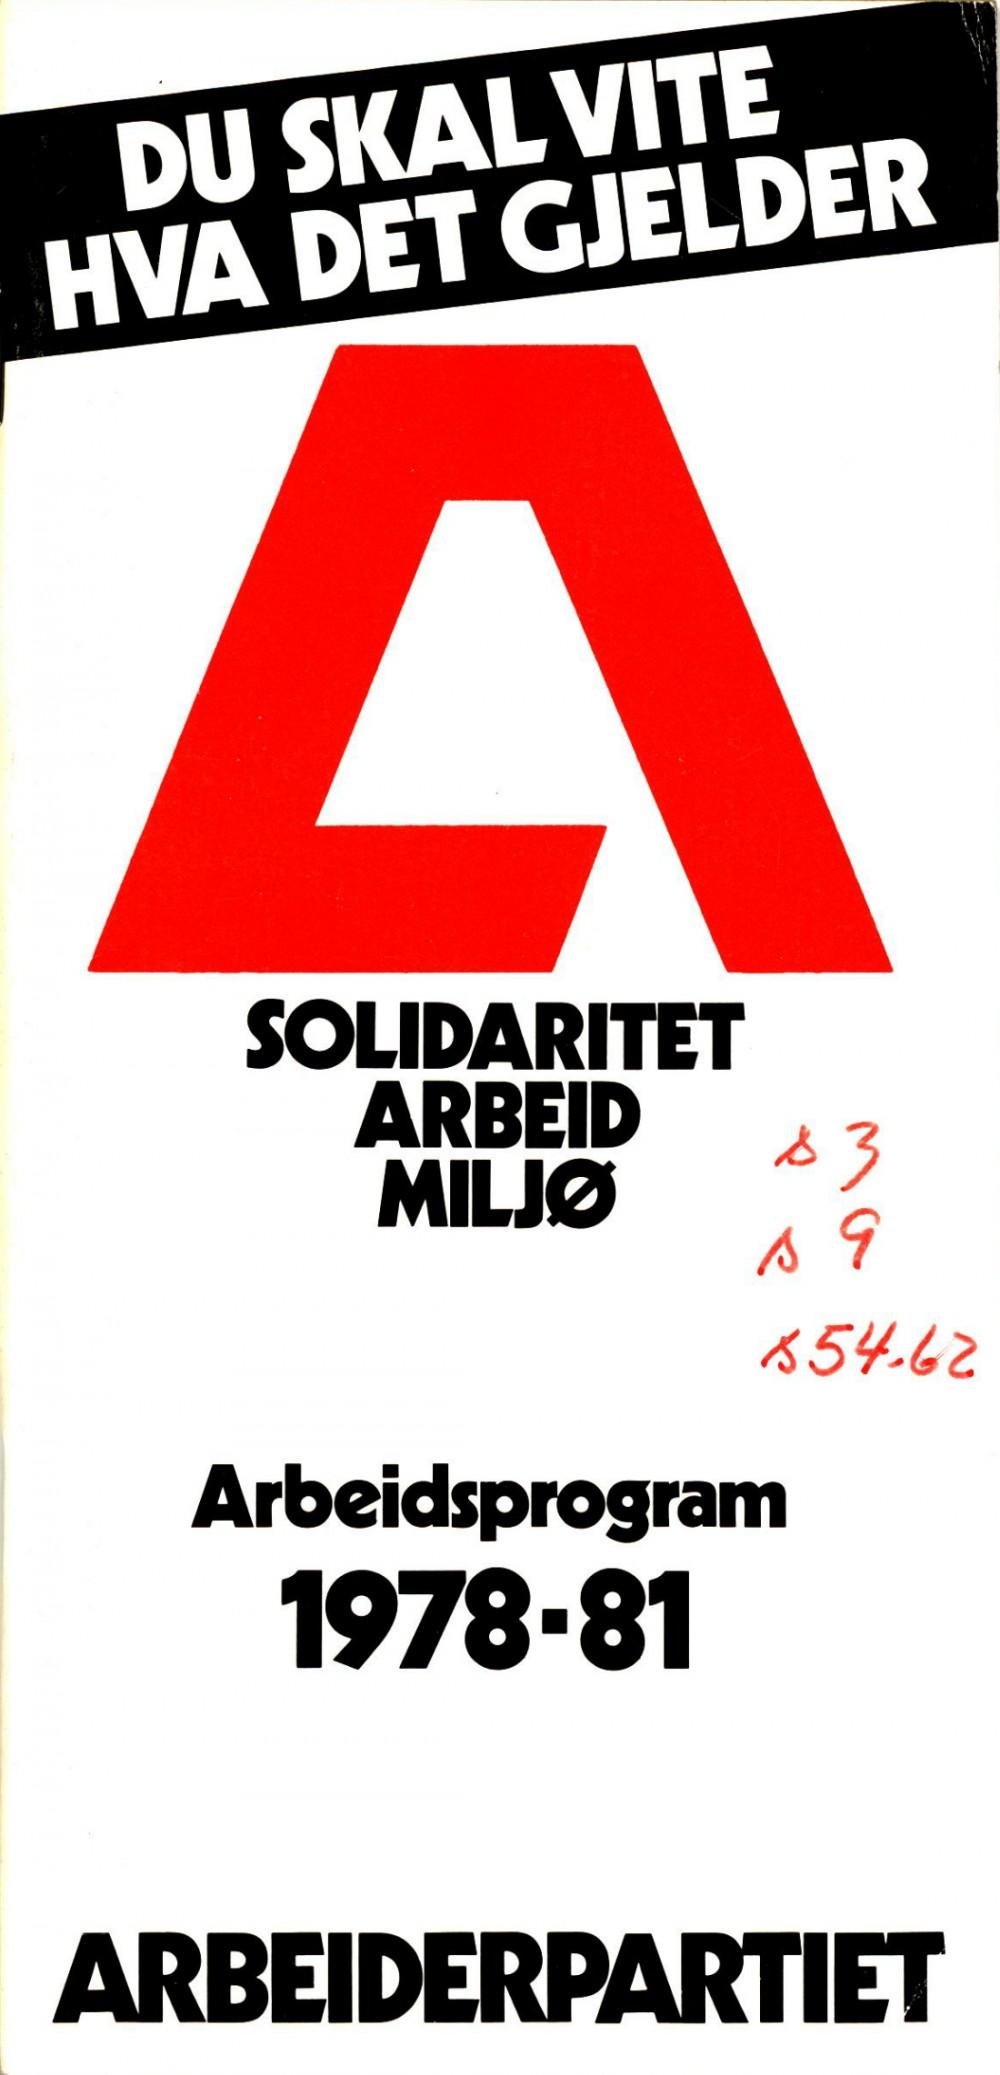 Du skal vite hva det gjelder - Arbeiderpartiets arbeidsprogram 1978-81